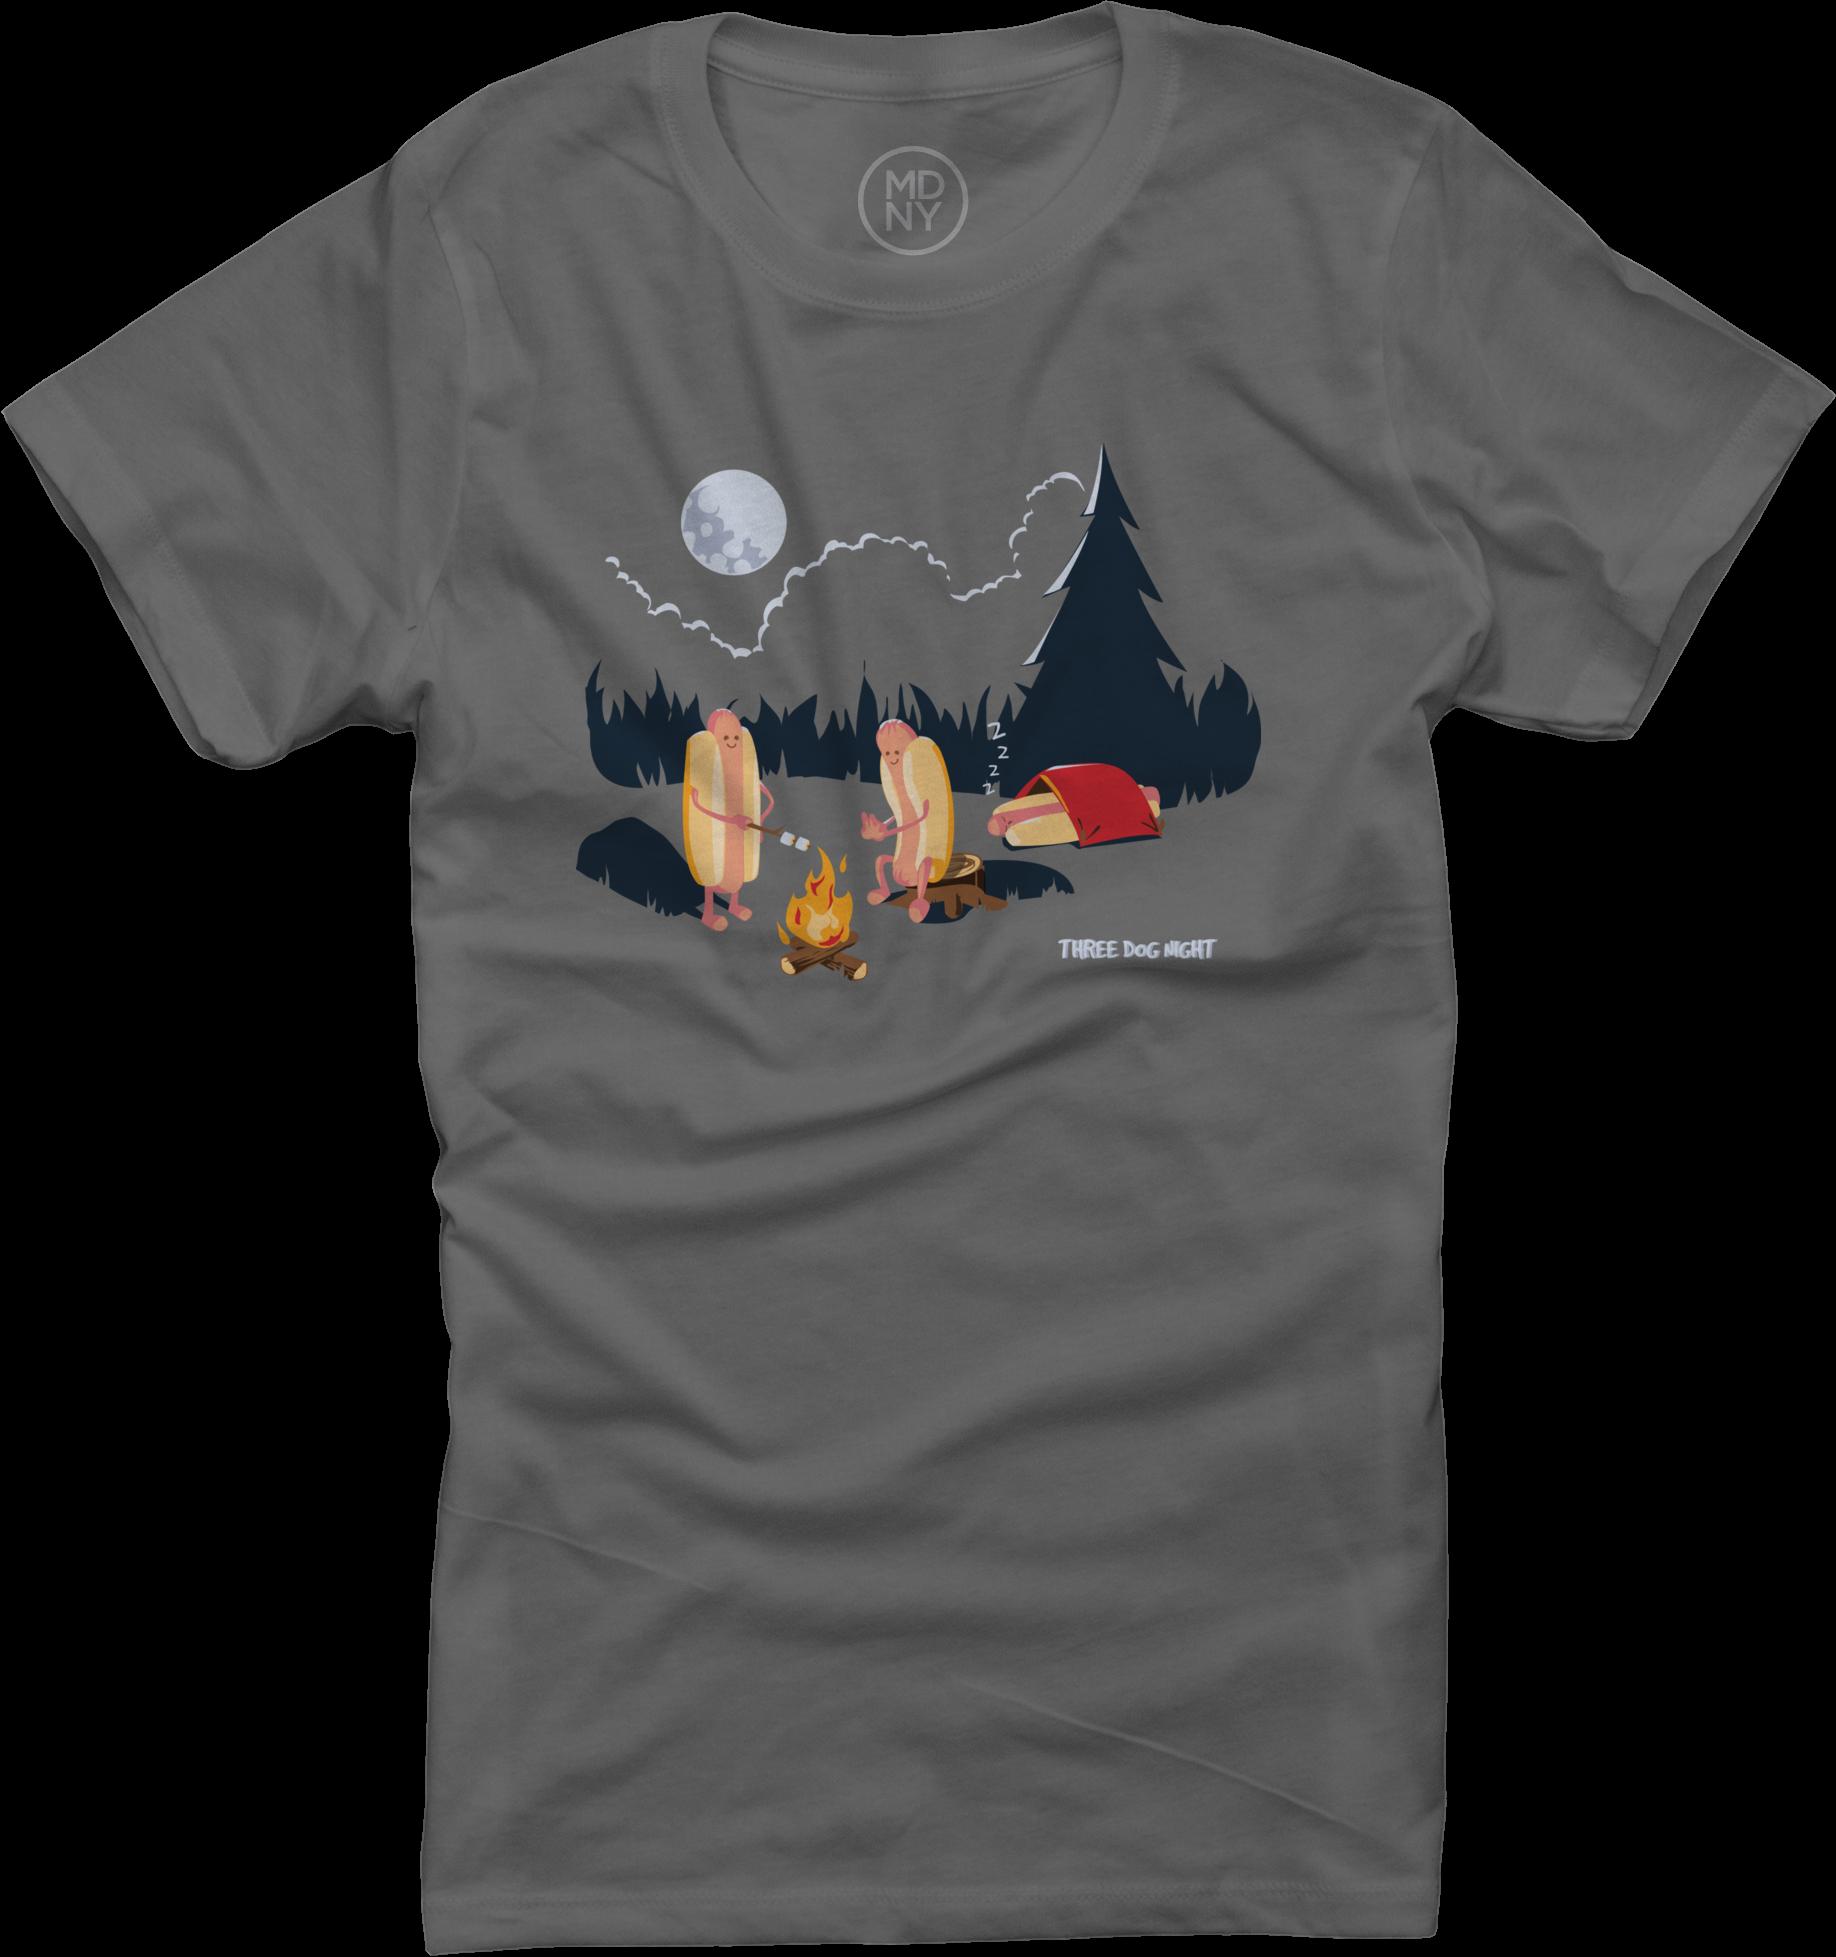 Adult dog night shirt